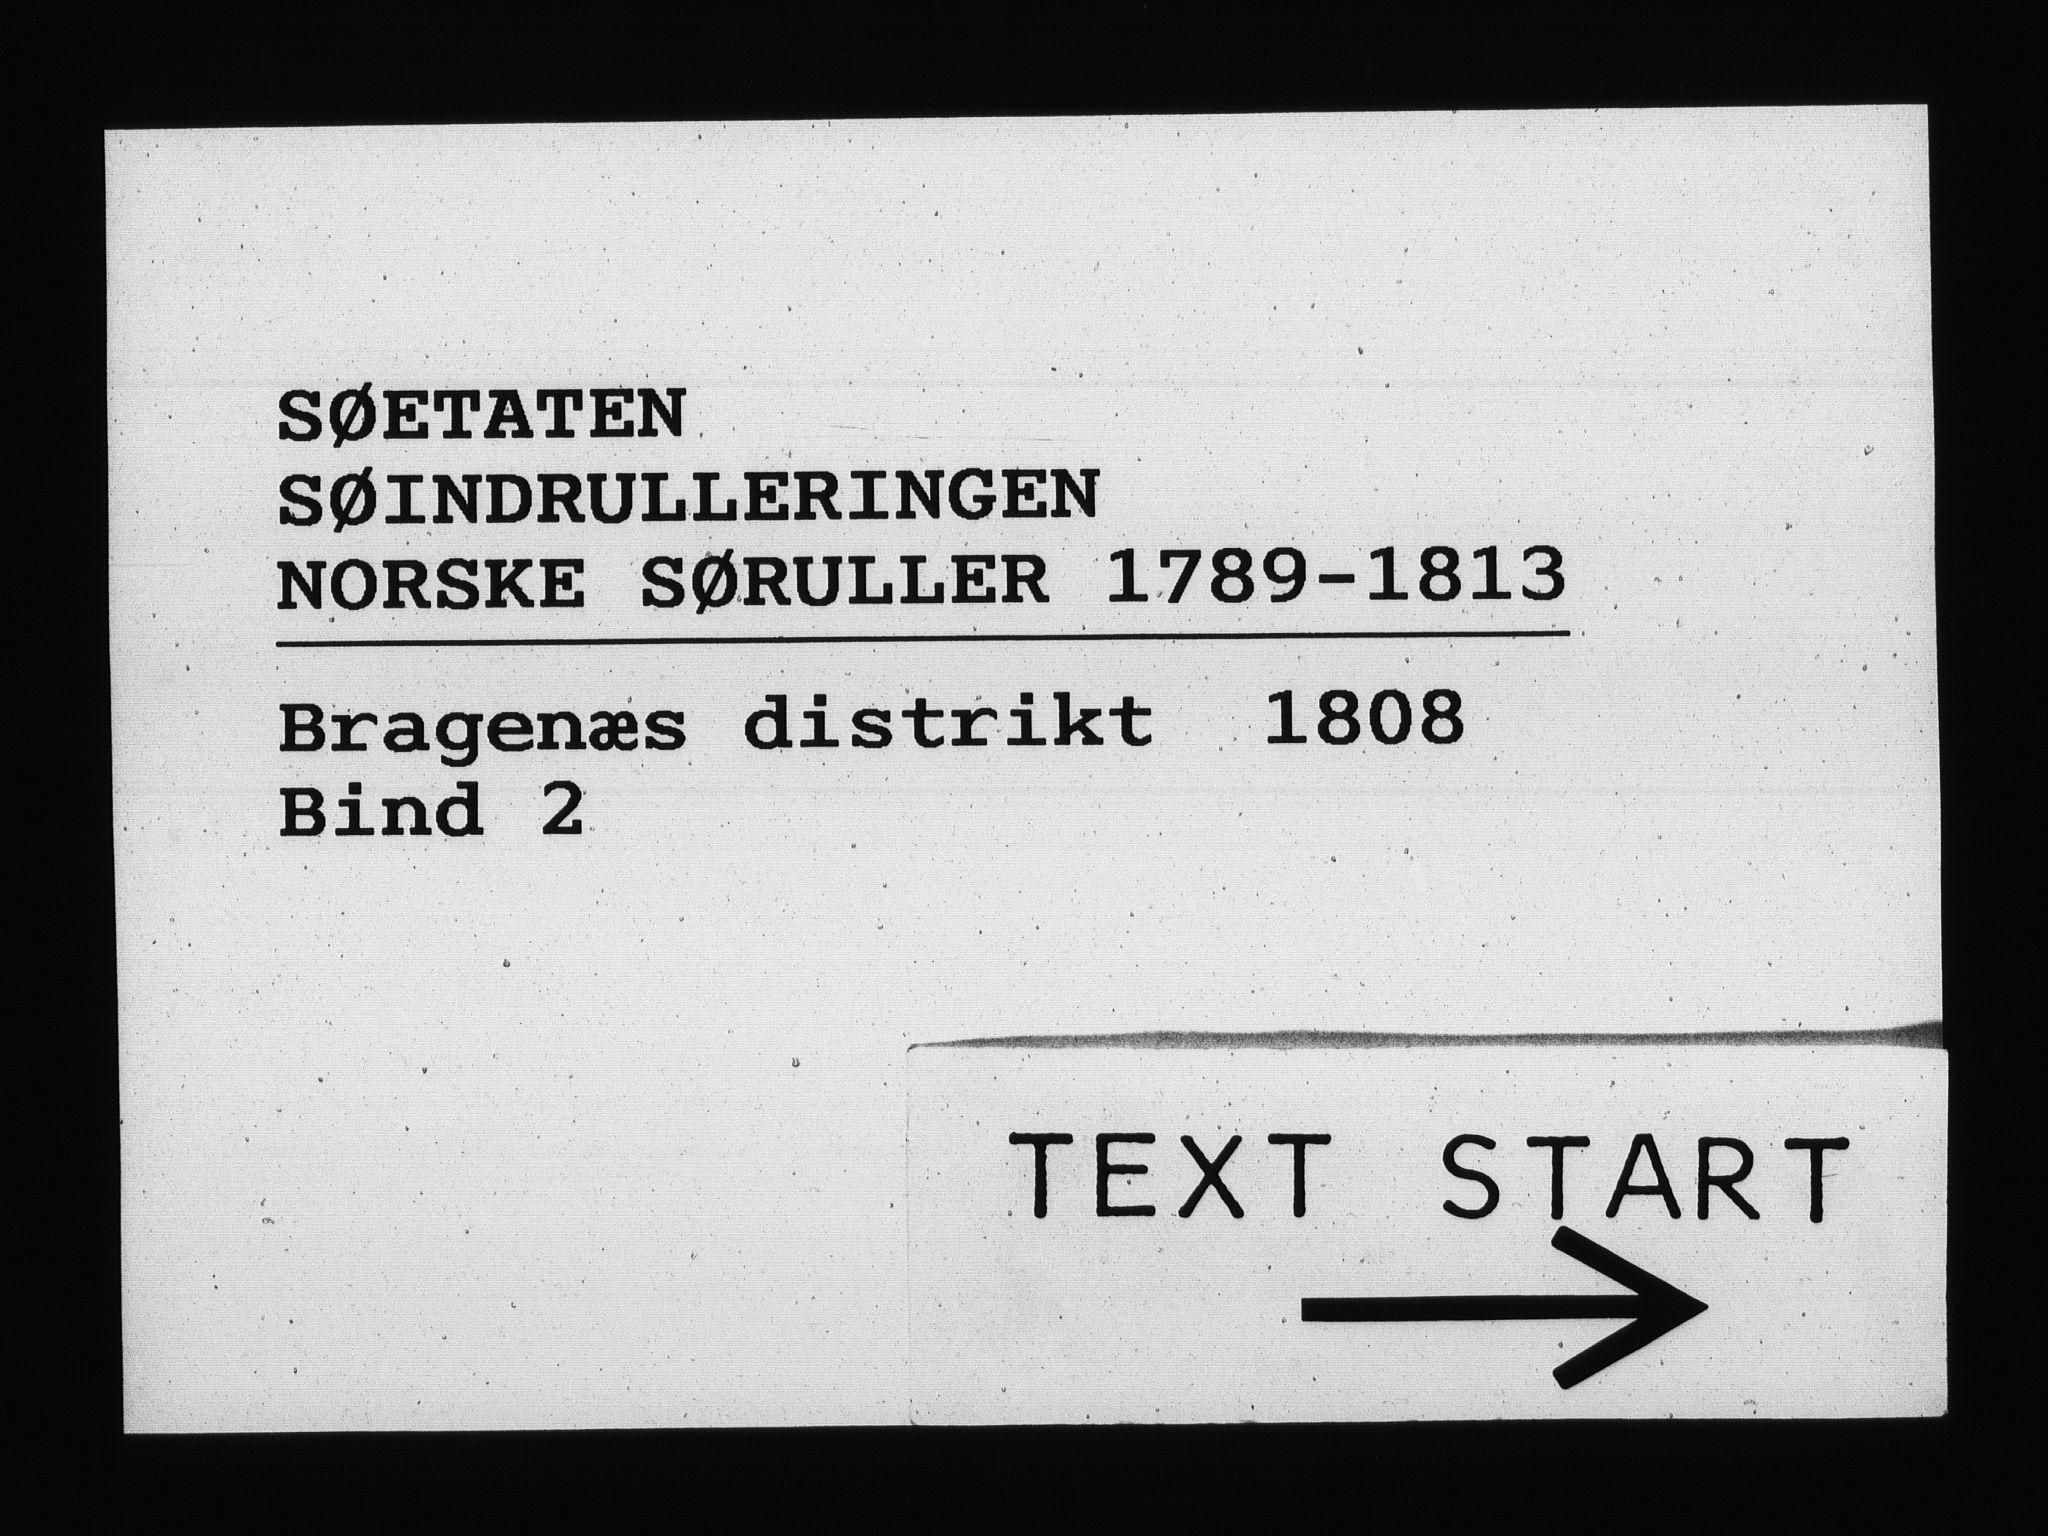 RA, Sjøetaten, F/L0153: Bragernes distrikt, bind 2, 1808